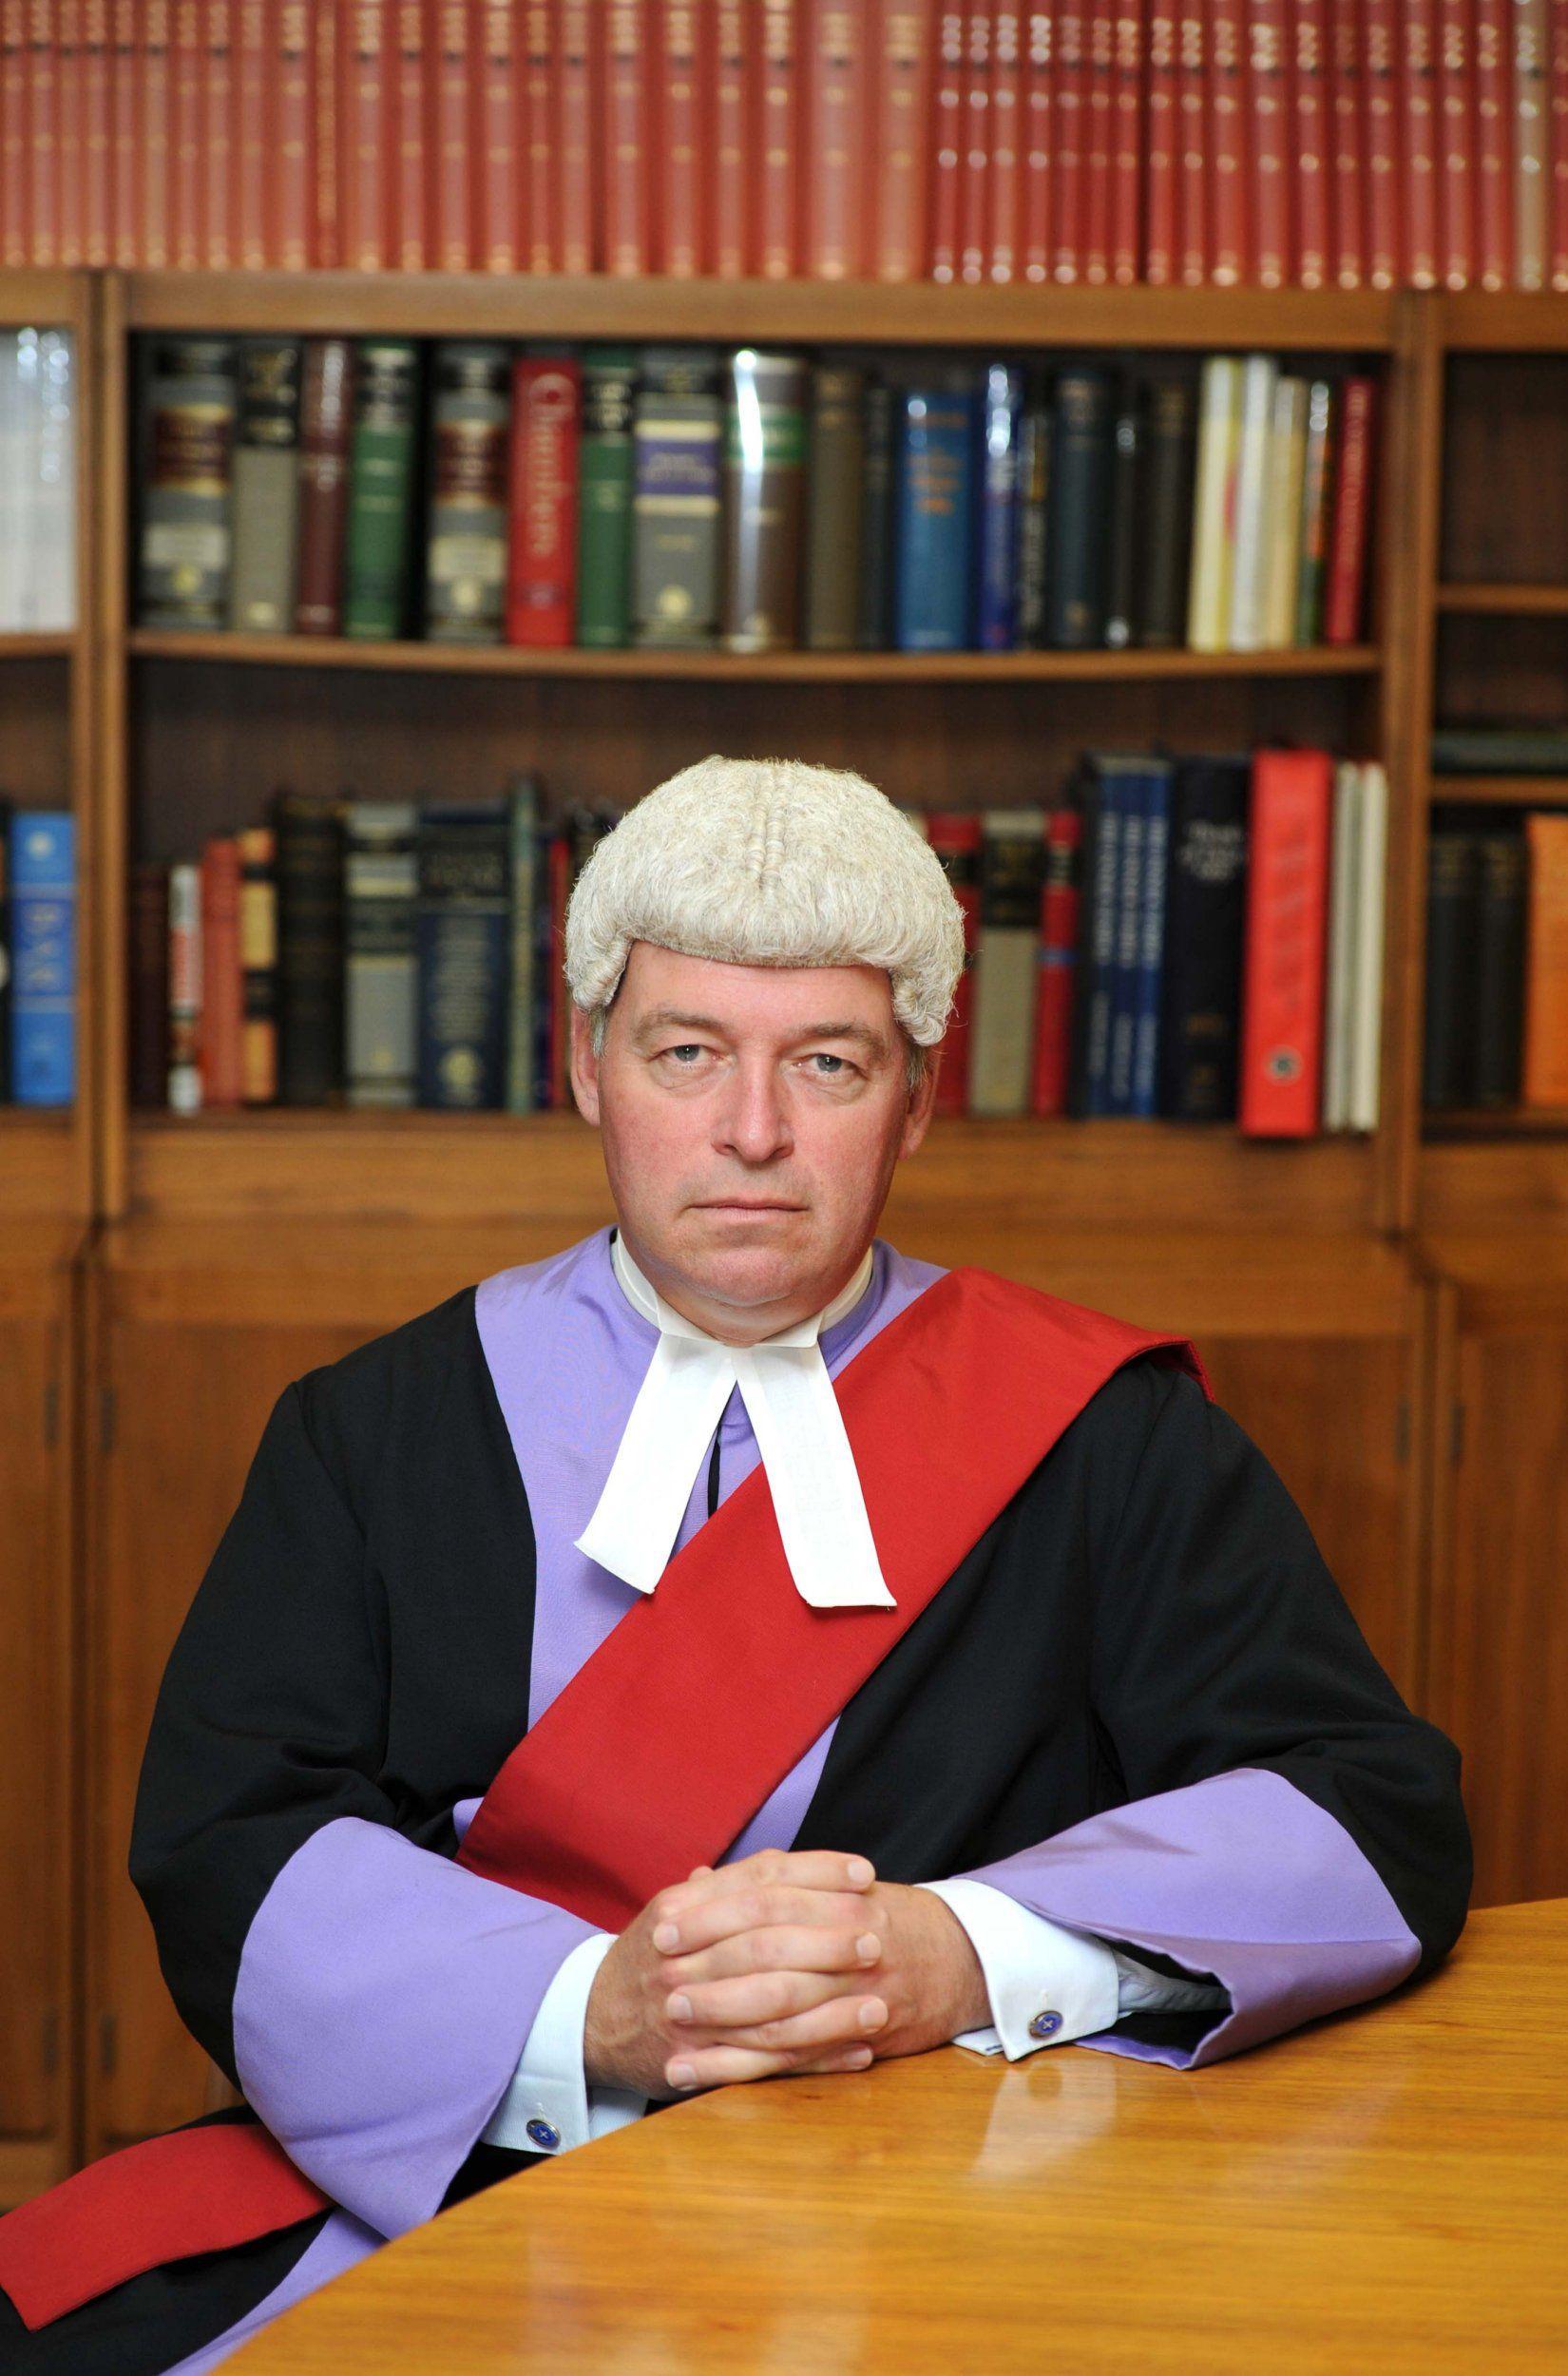 Sędzia zalał się łzami, gdy czytał wyrok parze, która gwałciła i zmuszała ofiary do zjadania wymiocin